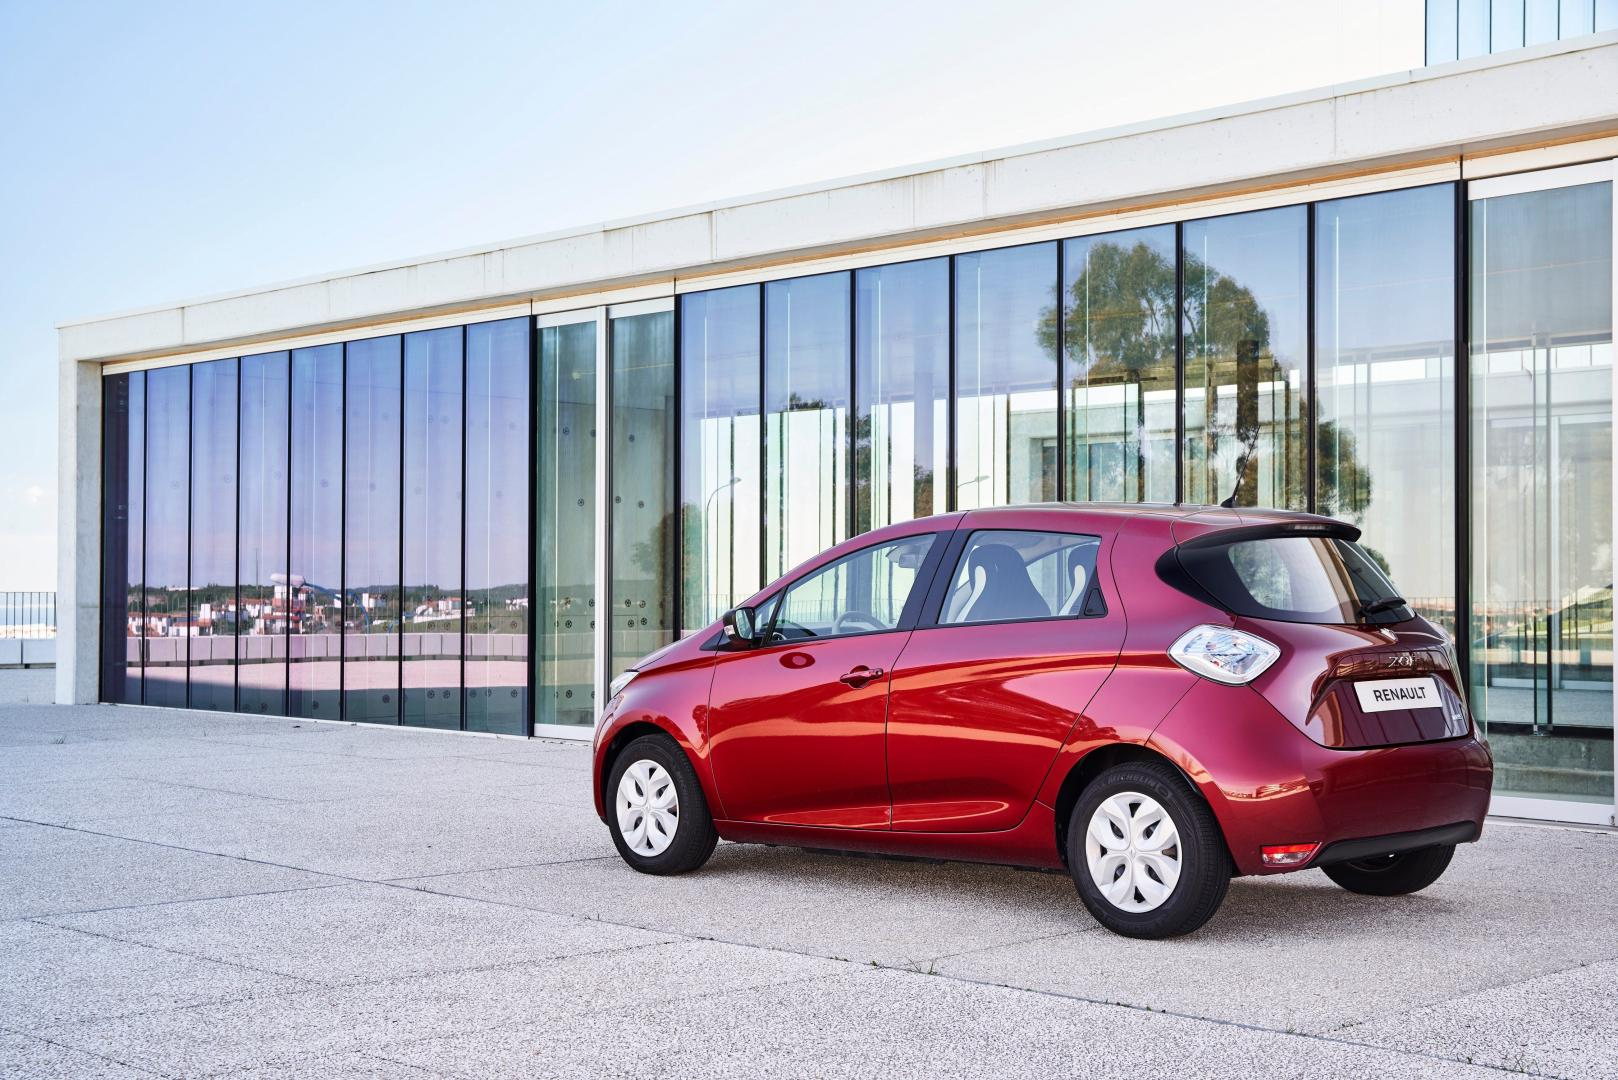 """Renault hat in Deutschland mehr als 20.000 ZOE verkauft (seit Marktstart 2012 bis heute). Mit mehr als 1.100 Neuzulassungen allein im März 2019 erreichte der kompakte Fünftürer ZOE diesen Meilenstein zum Ende des ersten Quartals 2019. Insgesamt verdoppelte Renault in Deutschland seine Elektro-Zulassungen im ersten Quartal 2019 im Vergleich zum Vorjahreszeitraum. Von Januar bis März stiegen die Renault Verkäufe der Modelle ZOE, Kangoo Z.E. und Master Z.E. um 101,1 Prozent auf 2.930 Einheiten1 . Der Renault ZOE verdoppelte seine Zulassungen im ersten Quartal auf 2.717 Einheiten (Januar bis März 2018: 1.297 Zulassungen, +109,5 Prozent). Der Elektro-Marktanteil des kompakten Fünftürers liegt bei 17,1 Prozent. Vom Elektrotransporter Renault Kangoo Z.E. wurden zwischen Januar und März 2019 insgesamt 206 Fahrzeuge zugelassen (Januar bis März 2018: 160 Einheiten, +28,8 Prozent). Der Elektrotransporter Renault Master Z.E. verzeichnet im ersten Quartal 7 Neuzulassungen. Hinzu kommen 85 Verkäufe des als Quad eingestuften Renault Twizy. Elektrifizierung der Modellpalette Bis 2022 will Renault seine E-Auto-Palette im Rahmen des internationalen Strategieplans """"Drive the Future"""" auf weltweit acht rein elektrische und zwölf elektrifizierte Modelle erweitern. Neuestes Elektromodell der Renault Gruppe ist der Renault City K-ZE, der gerade auf der Auto Shanghai Weltpremiere feierte. Das erste rein elektrische Fahrzeug im A-Segment spielt eine Schlüsselrolle in den Wachstumsplänen des Konzerns auf dem dynamischen chinesischen Markt. Das erste Serienfahrzeug des Joint Ventures eGT New Energy Automotive Co., Ltd., der Allianz Renault-Nissan-Mitsubishi und des chinesischen Automobilherstellers Dongfeng, ist gleichzeitig das sechste Elektromodell der Renault Gruppe. Zudem startet ab 2020 der Renault Bestseller Clio auch als Hybrid-Version, die Modelle Captur und Mégane kommen als Plug-in-Hybrid-Varianten auf den Markt."""